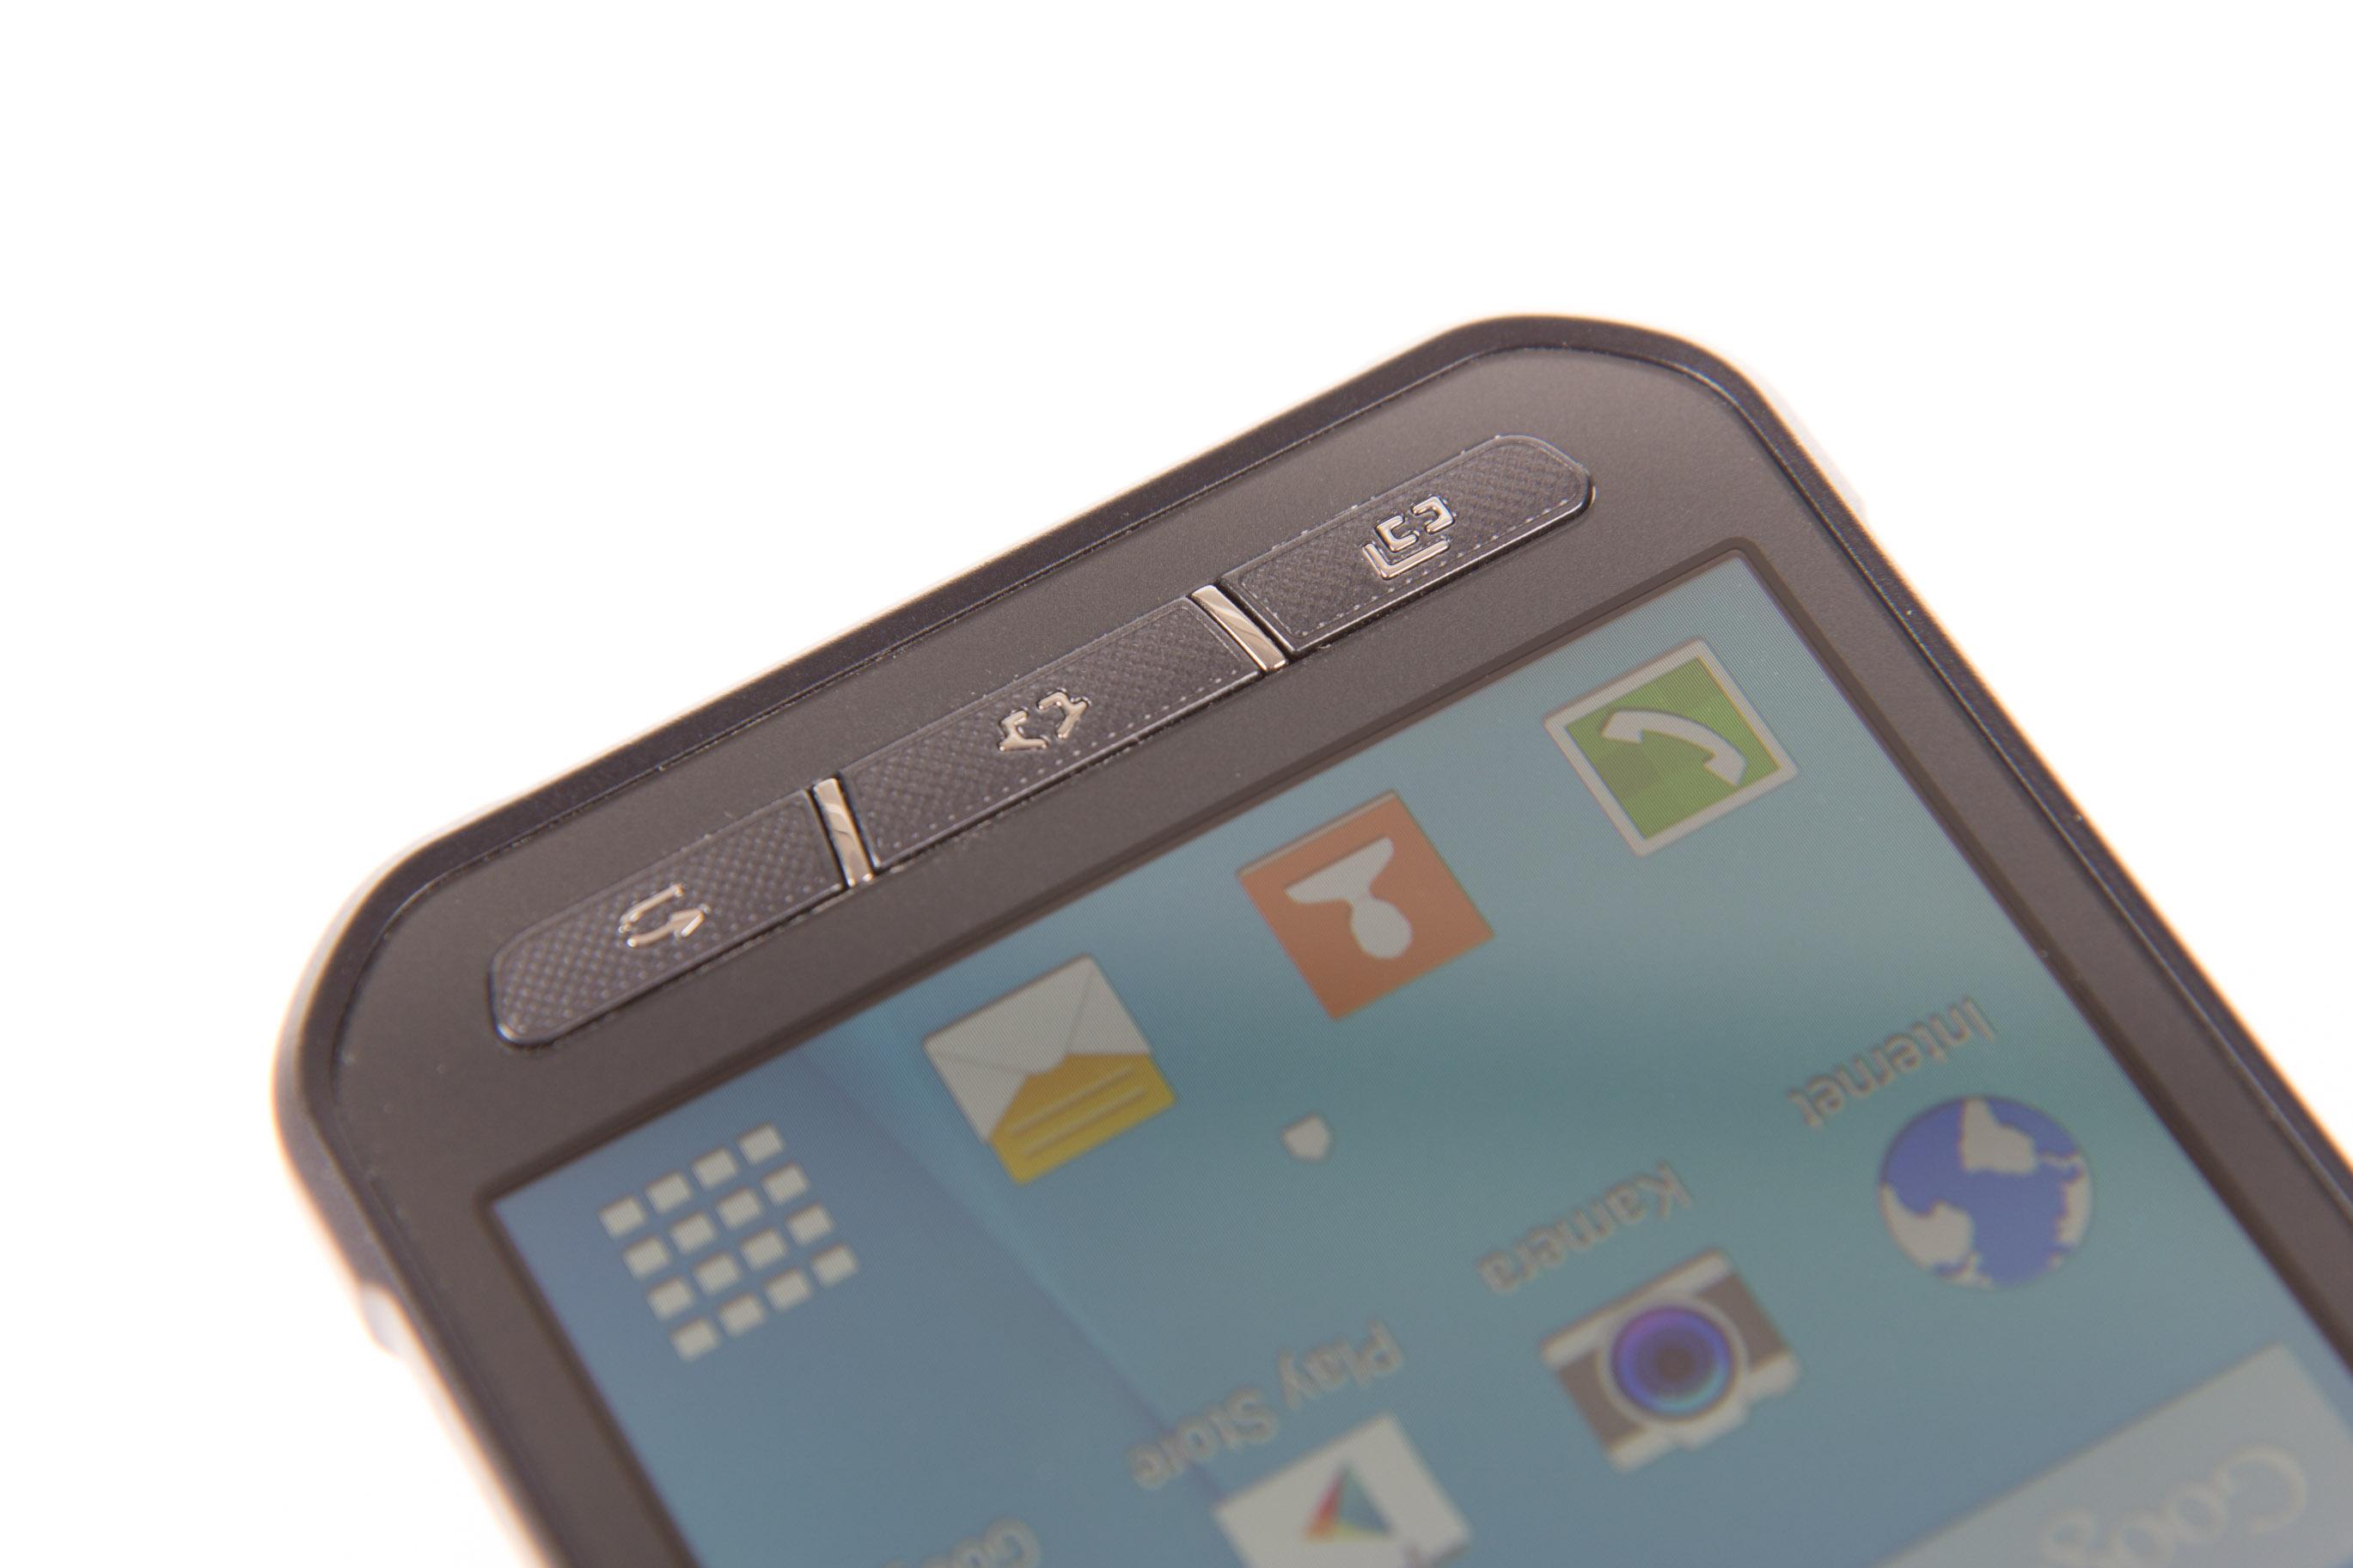 Samsung Xcover 3 im Test: Robust, handlich, günstig - Statt Sensortasten baut Samsung auch beim Xcover 3 wieder echte Tasten ein. (Bild: Martin Wolf/Golem.de)